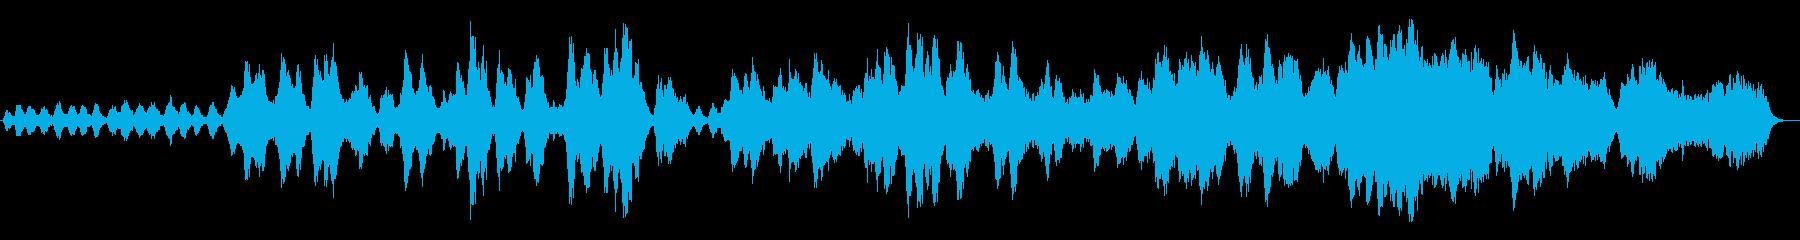 幻想的なシンセオーケストラの再生済みの波形